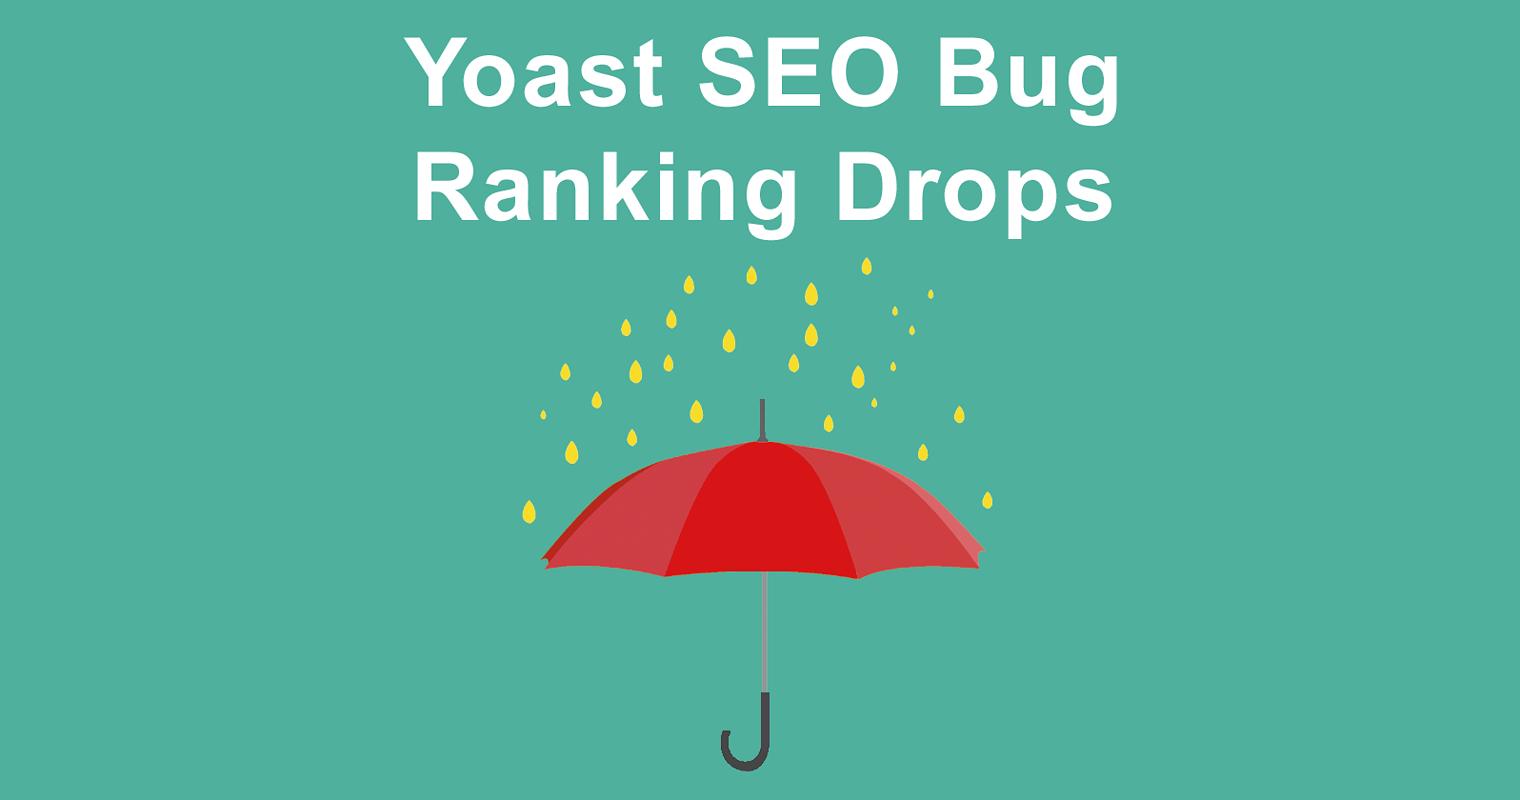 Yoast SEO Plugin 7.0 Bug Causes Ranking Drops